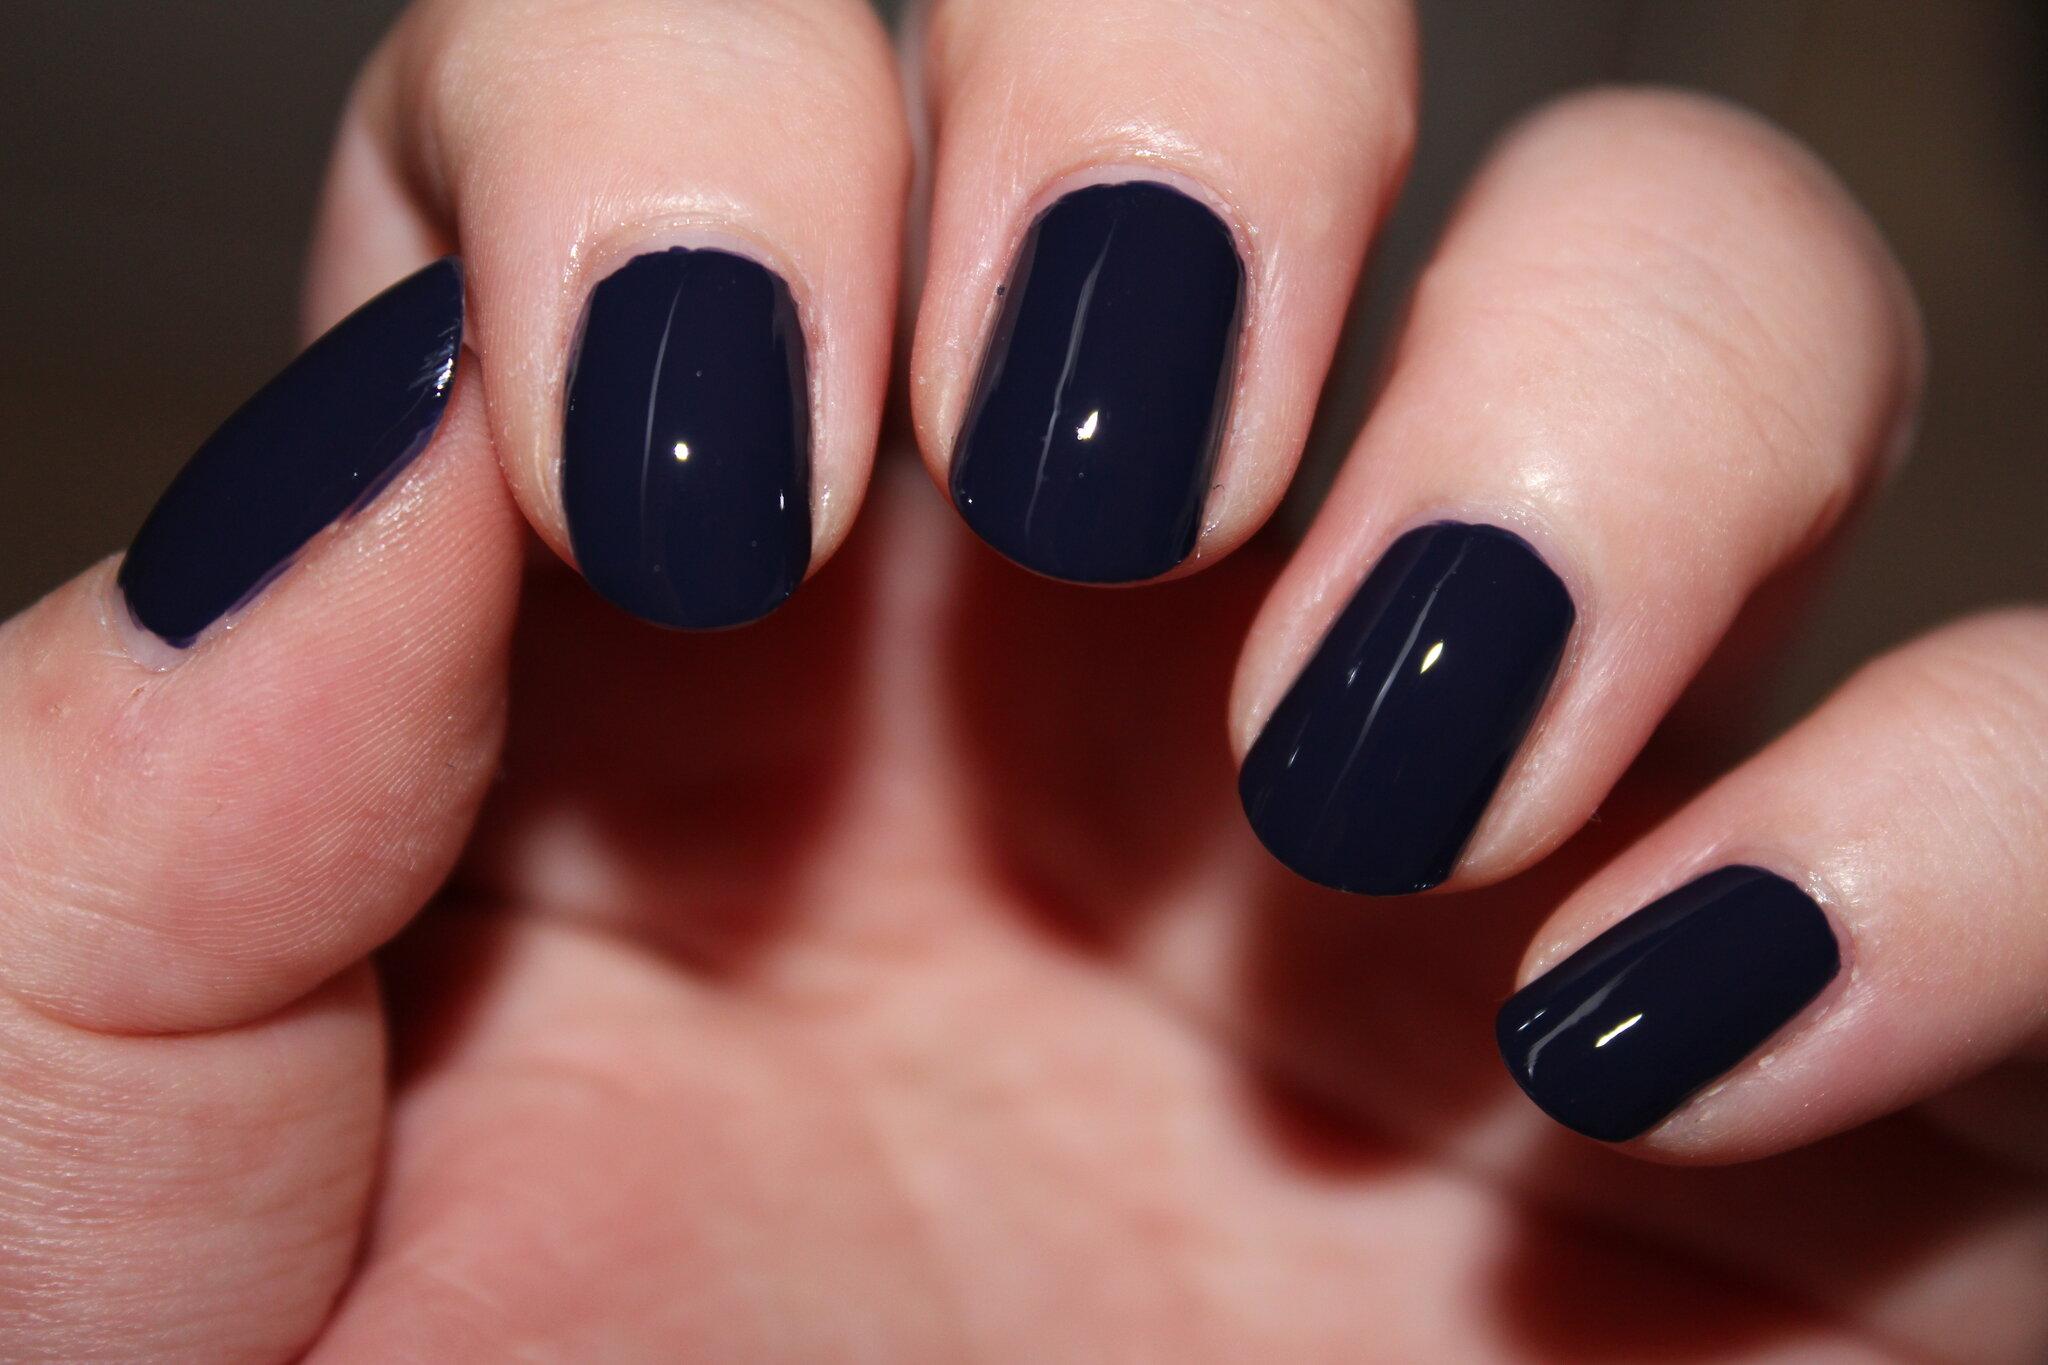 Review road house blues d 39 opi le plus beau vernis bleu marine du monde les chroniques make - Ongle bleu marine ...